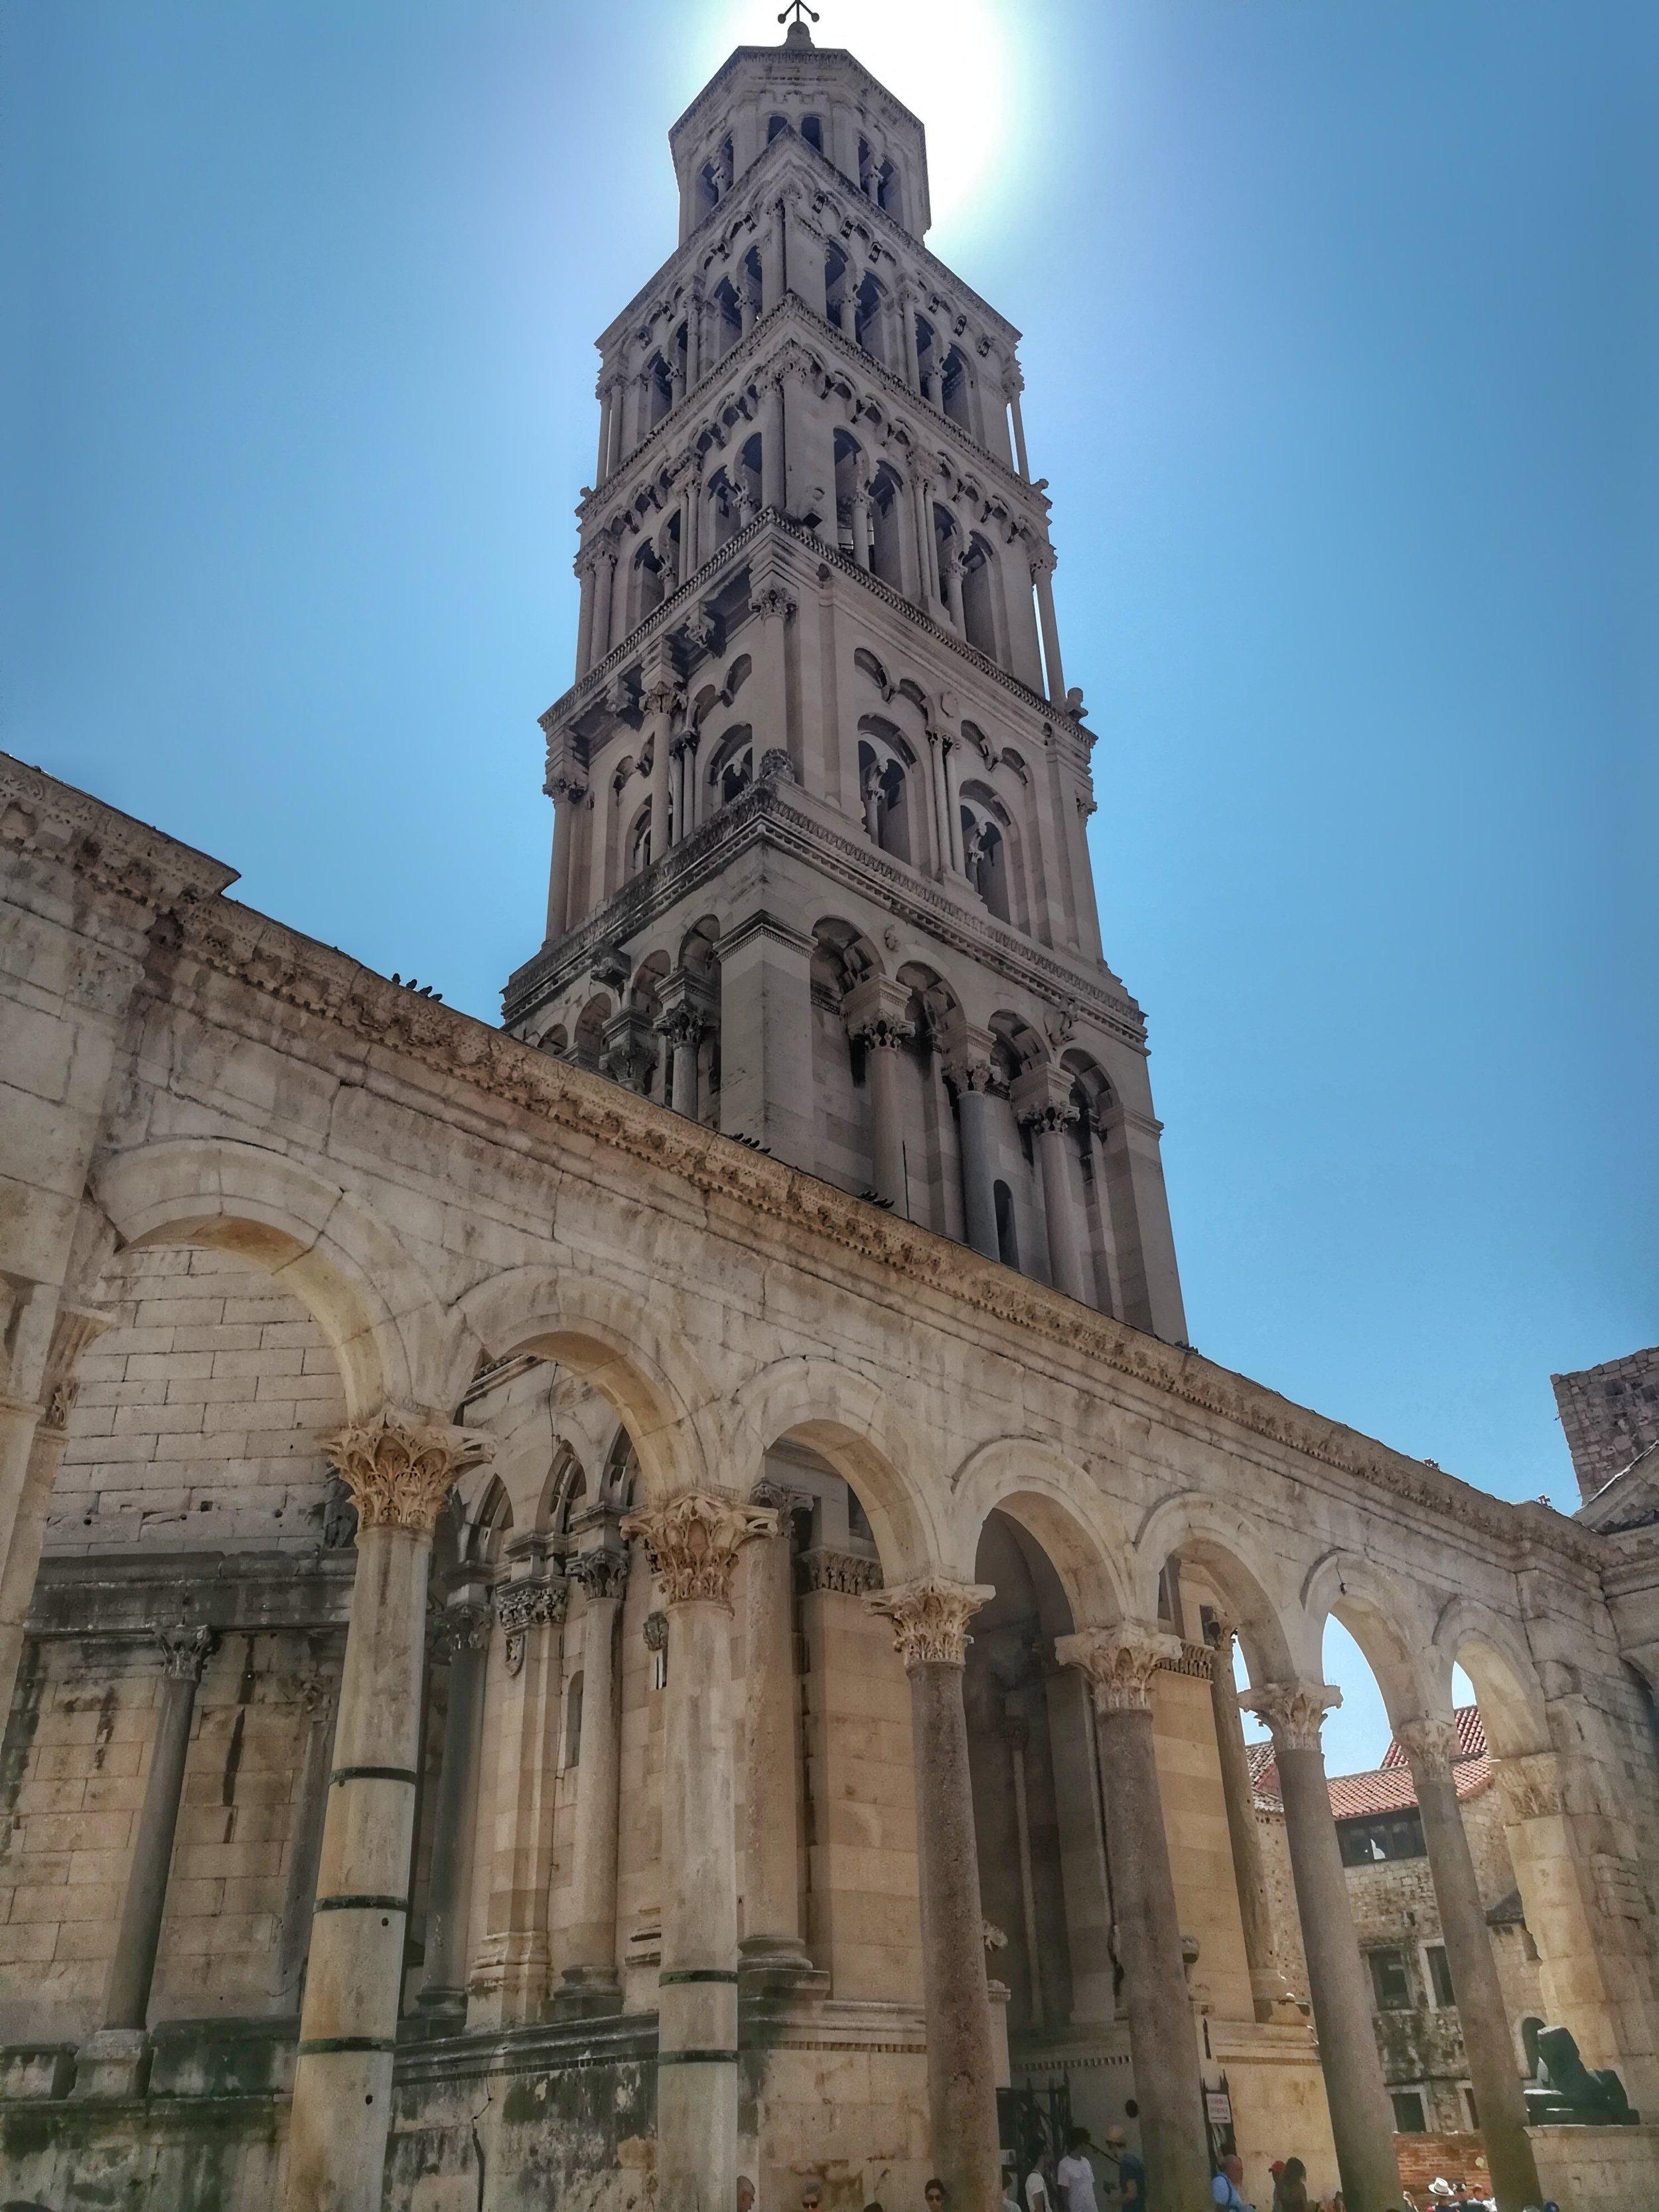 The historic Roman architecture